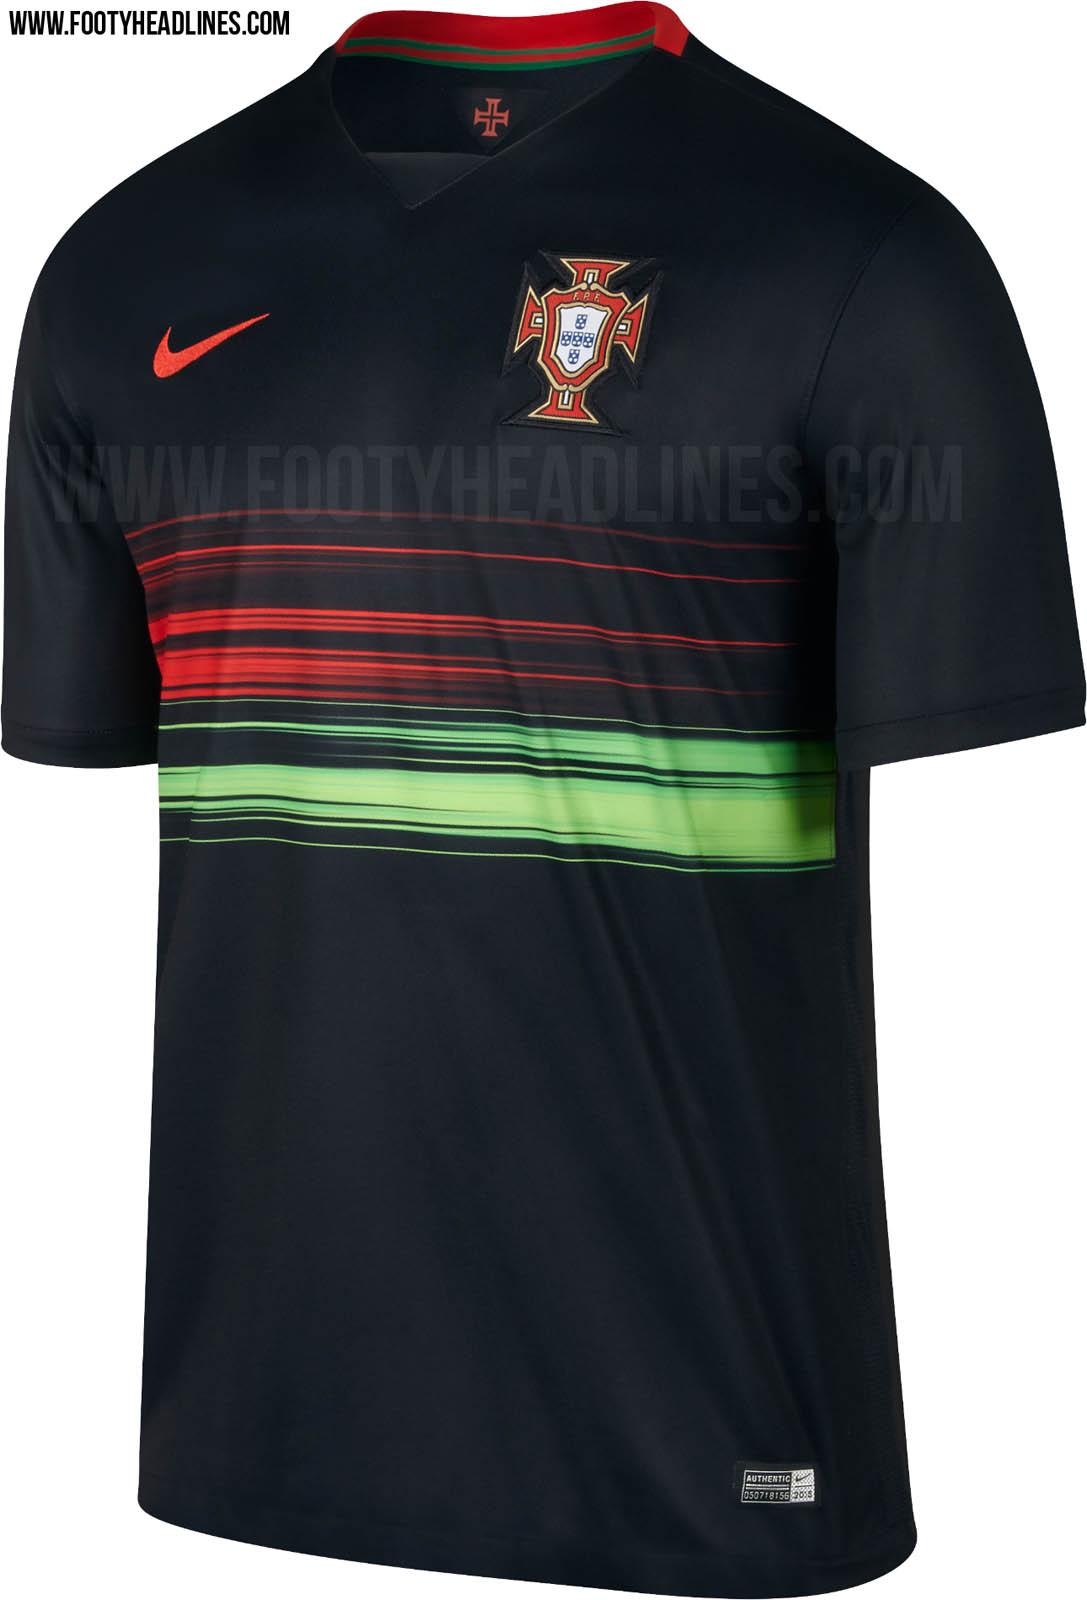 f53356ca91a Portugal Kit   http   2.bp.blogspot.com -gar9Qtqq5UU VQqARoNWLbI AAAAAAAAgYU UEjsajs-A1I s1600  portugal-2015-away-kit%2B(5).jpg